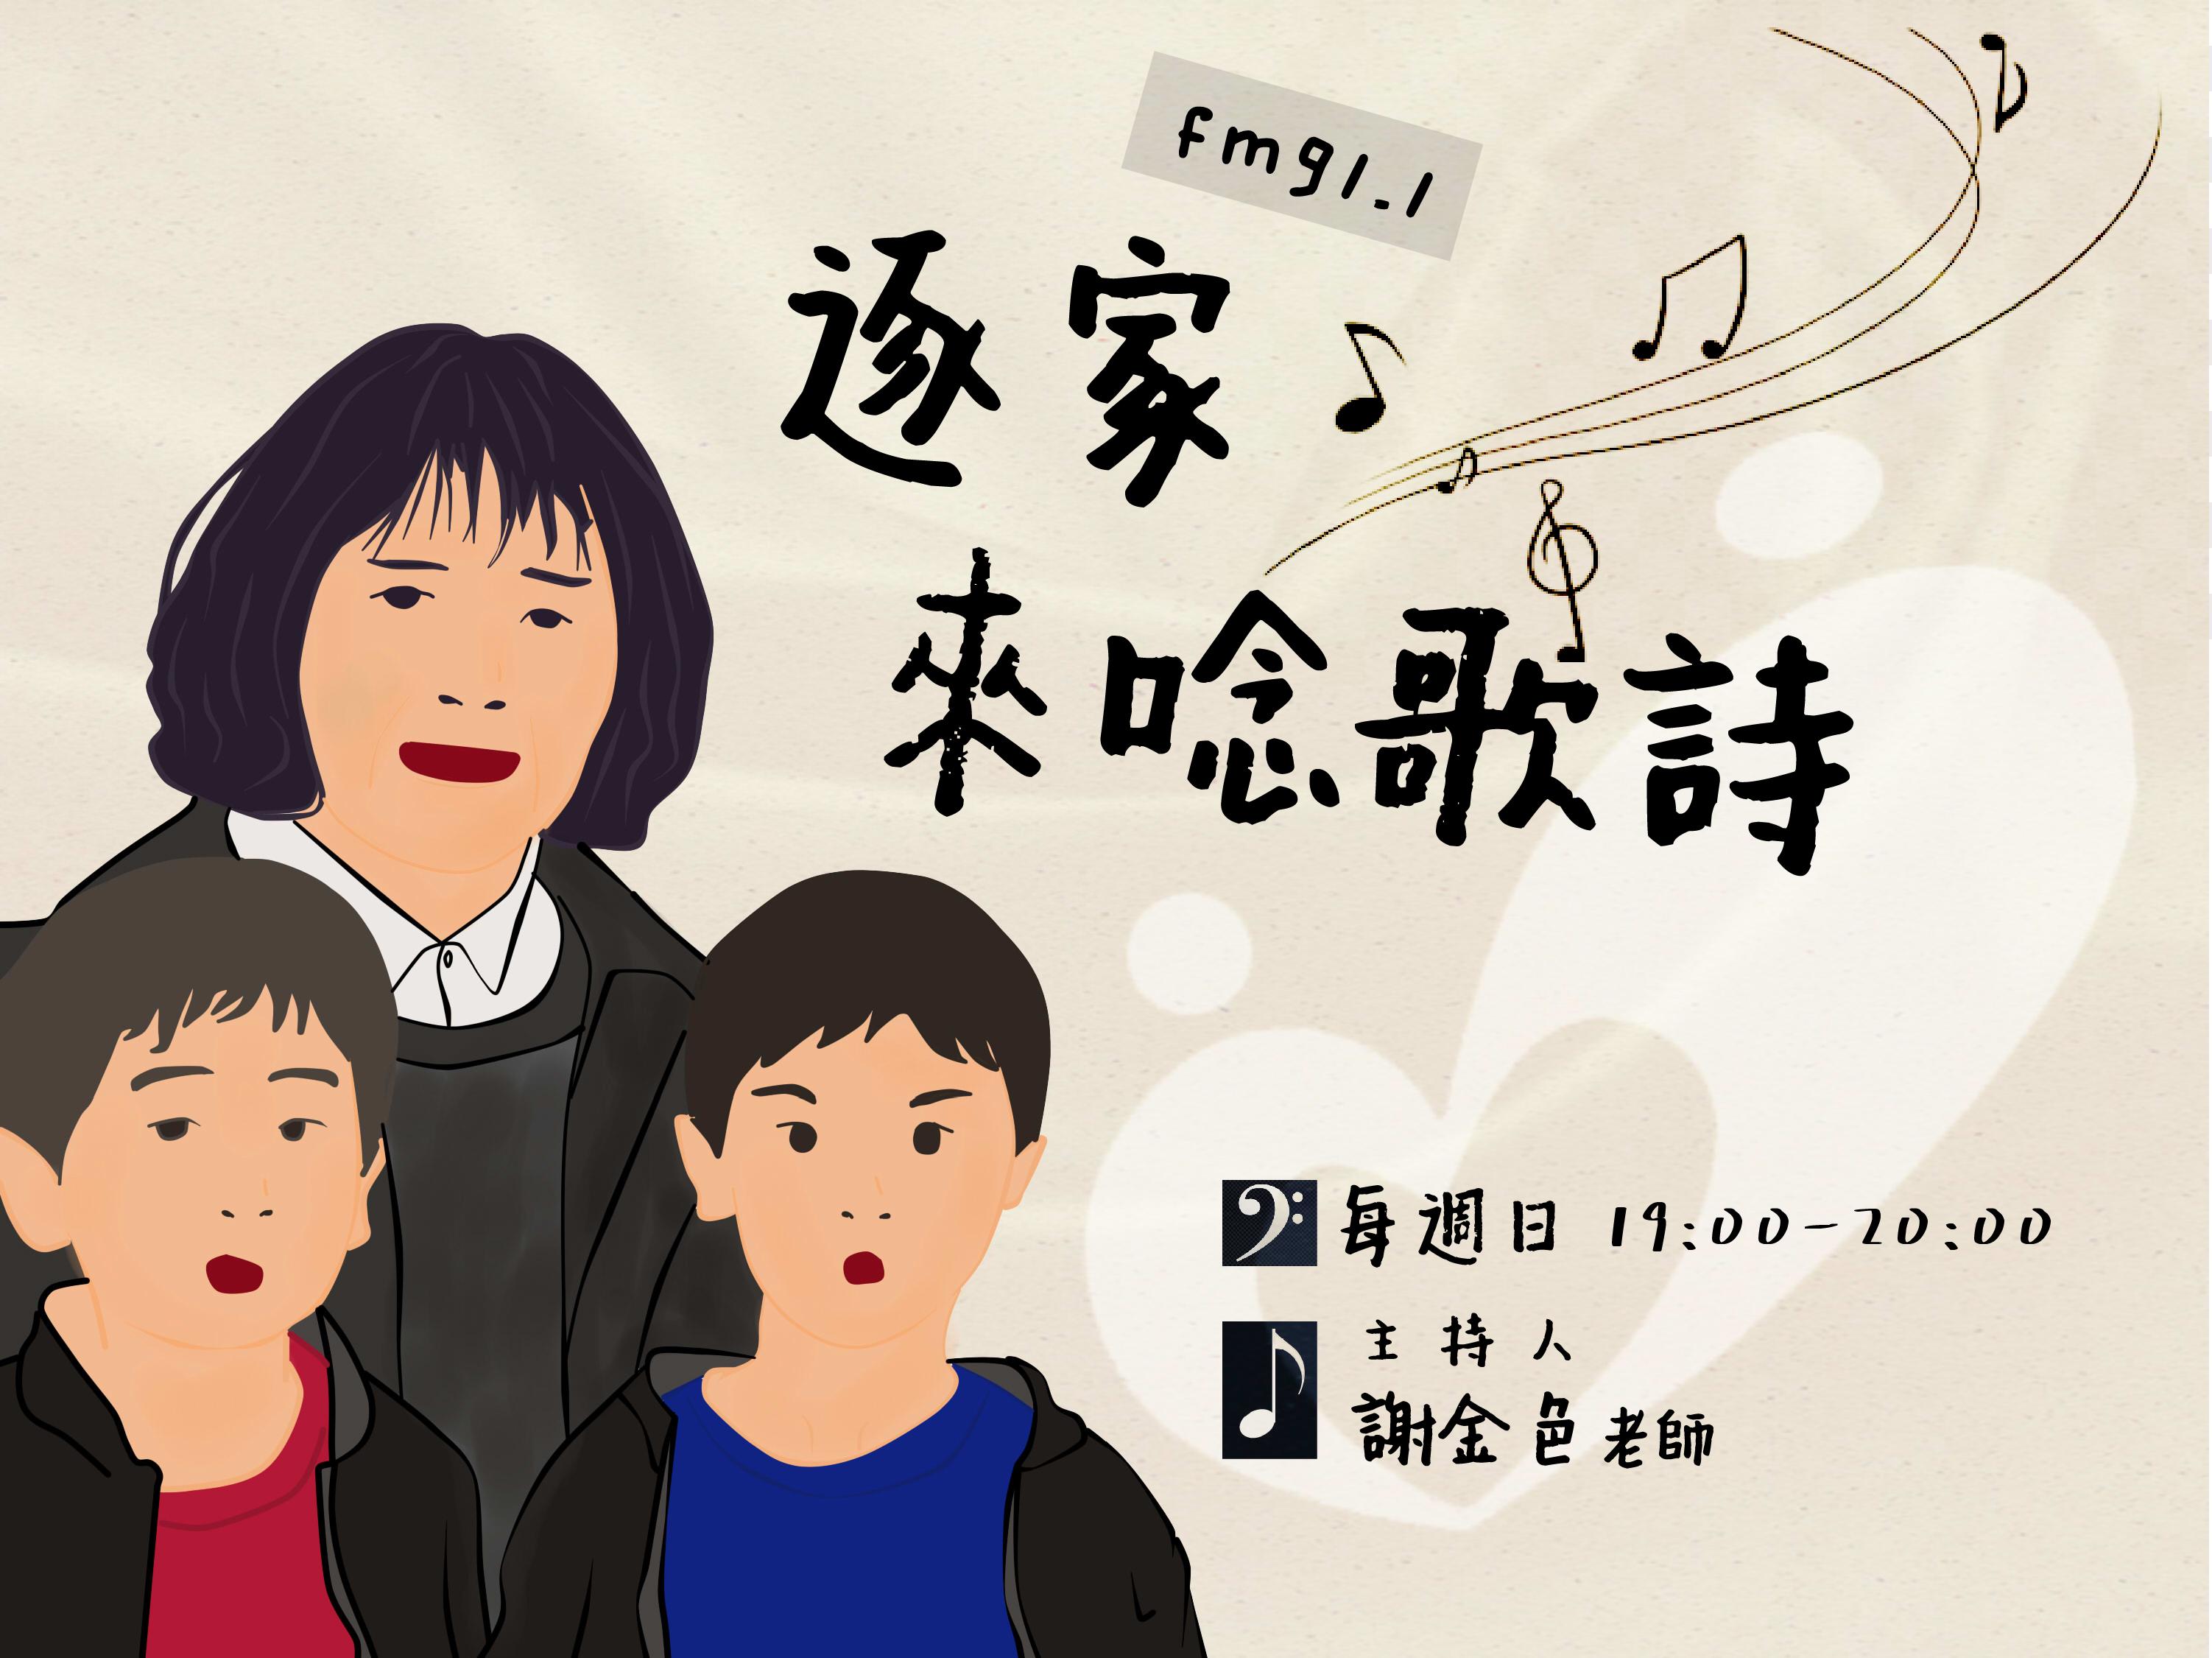 2021/05/30  逐家來唸歌詩